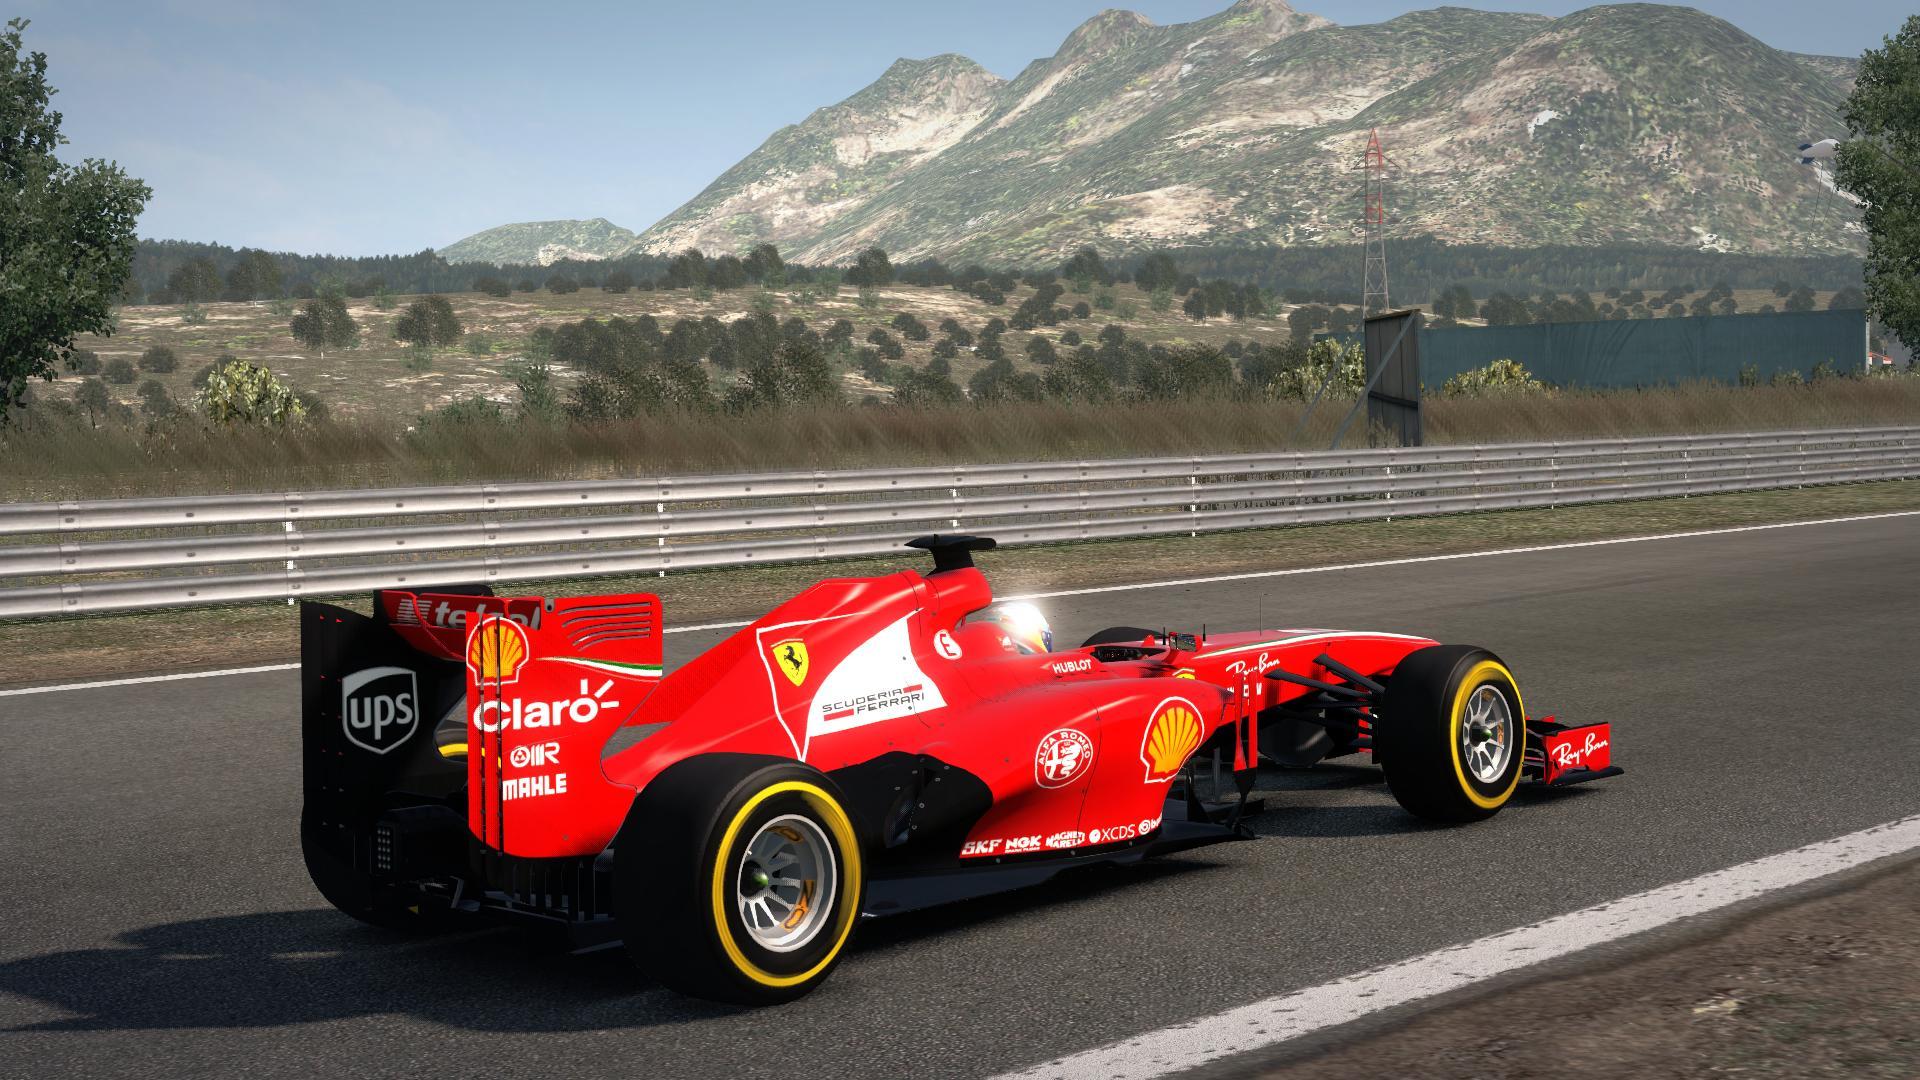 F1_2013 2016-07-19 15-28-06-29.jpg